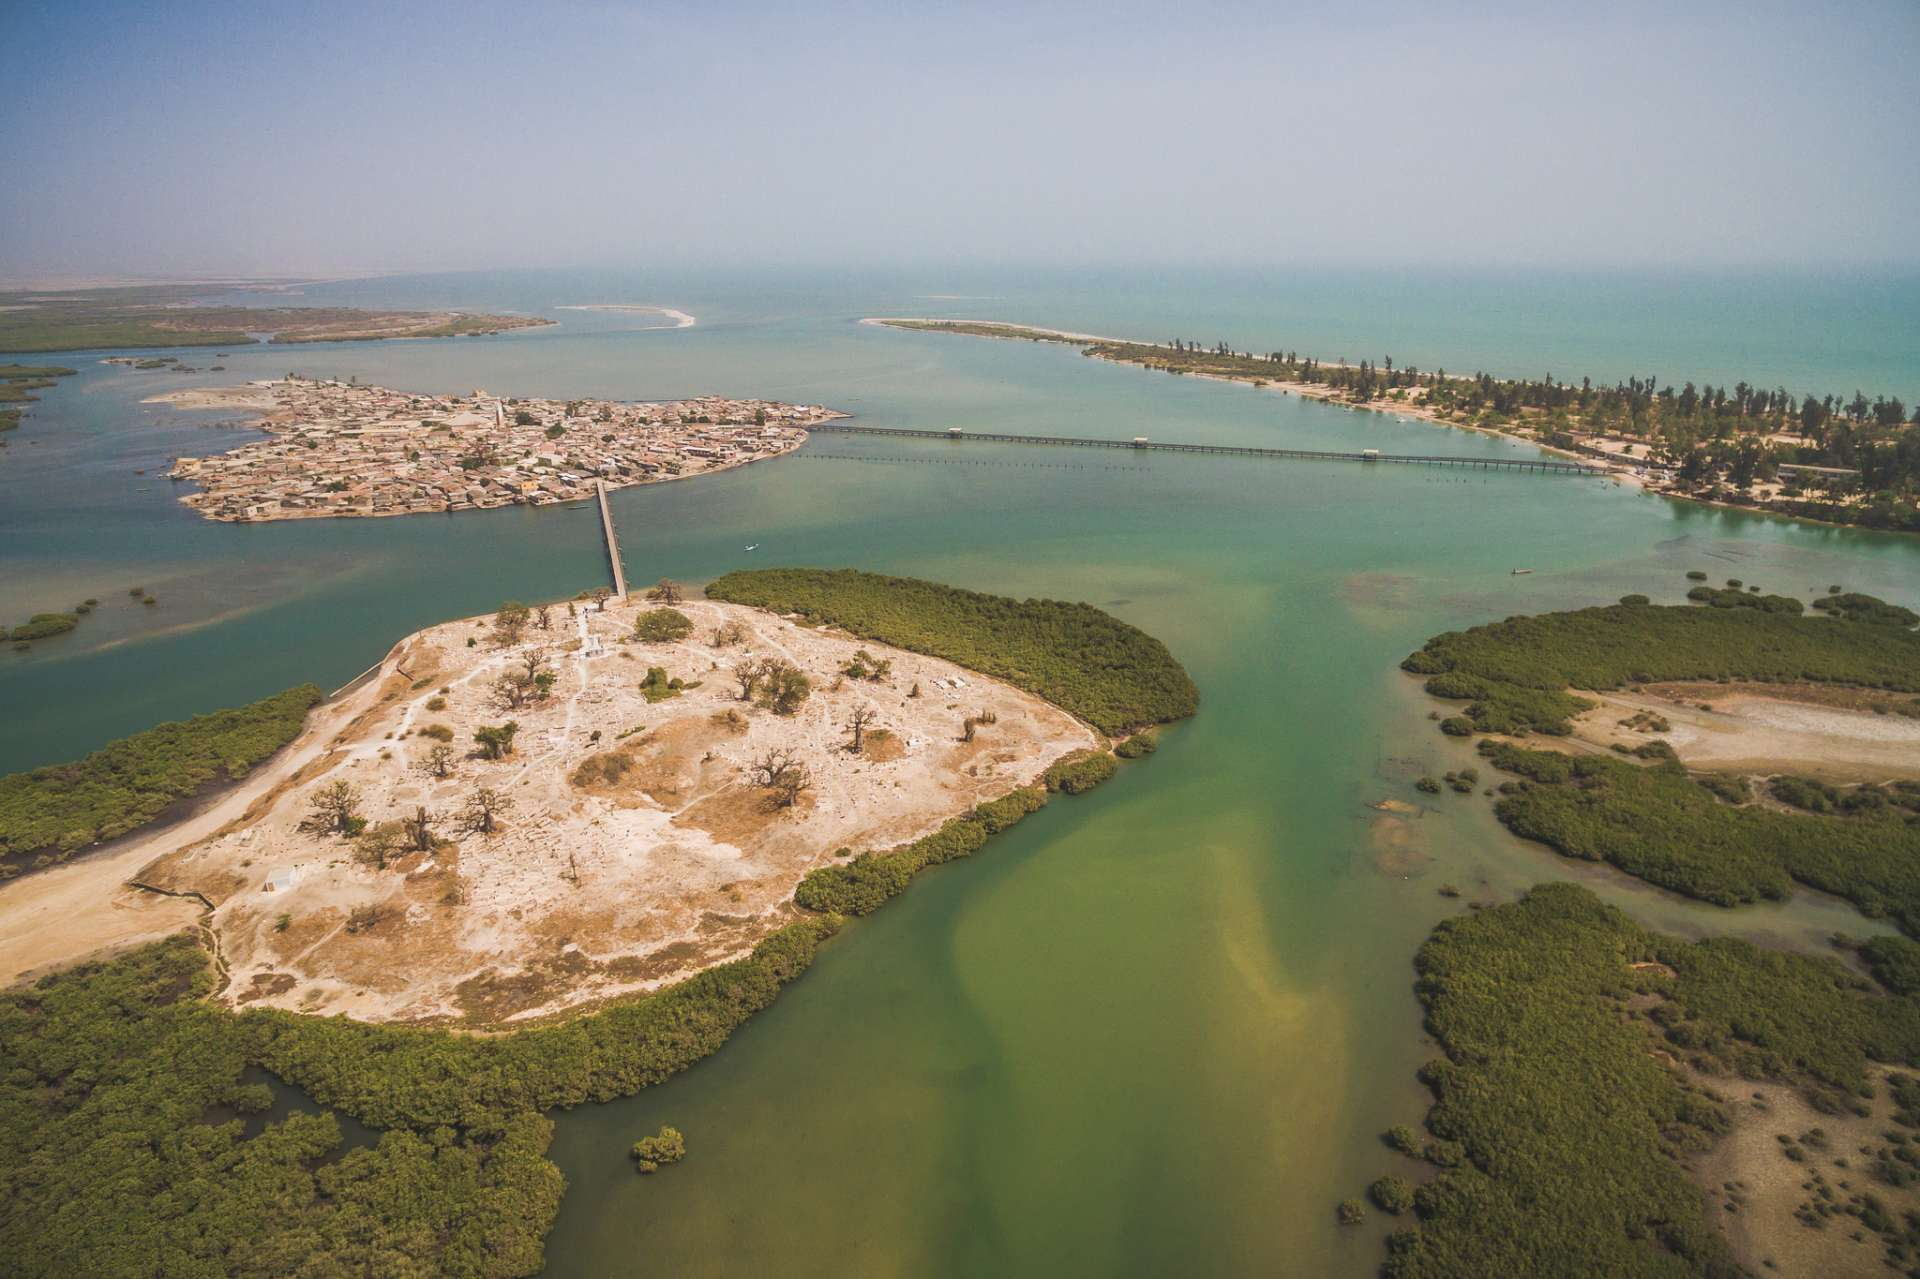 Joal se trouve sur le continent et Fadhiout sur une île artificielle constituée d'amoncellements de coquillage et reliée à la côte par un pont en bois qui enjambe la mangrove.